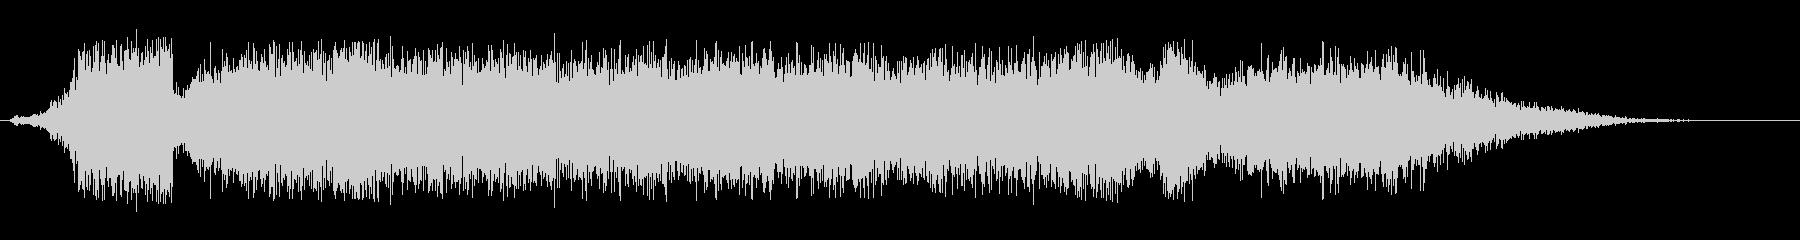 シューツ(空気が抜けるようなエアー音)の未再生の波形